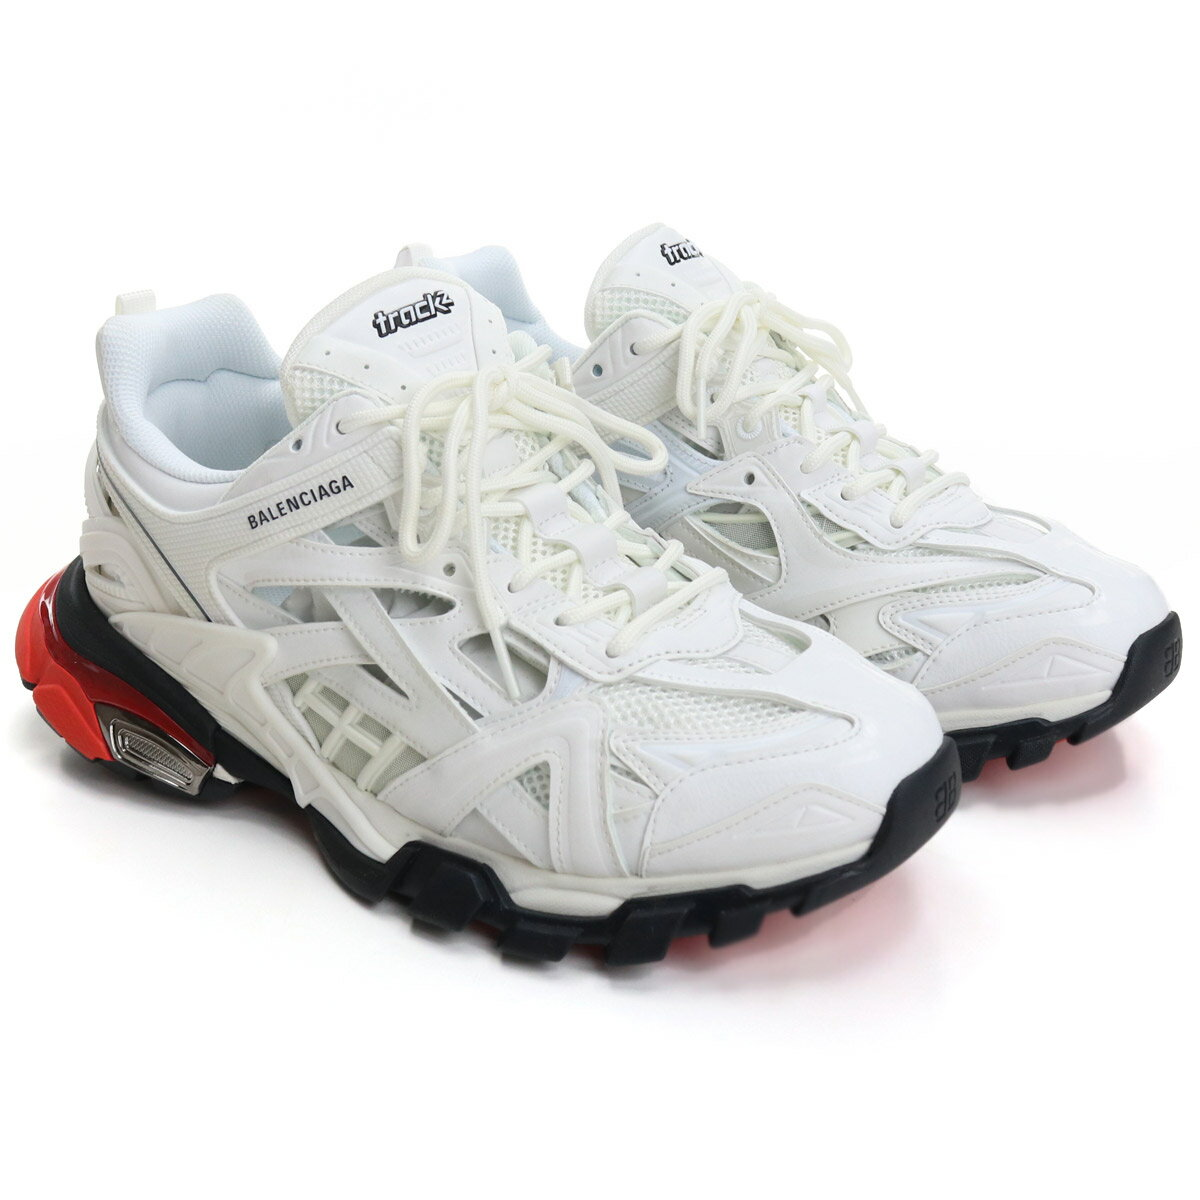 メンズ靴, スニーカー  BALENCIAGA 2 568614 W2GN3 9610 bos-09 shoes-01